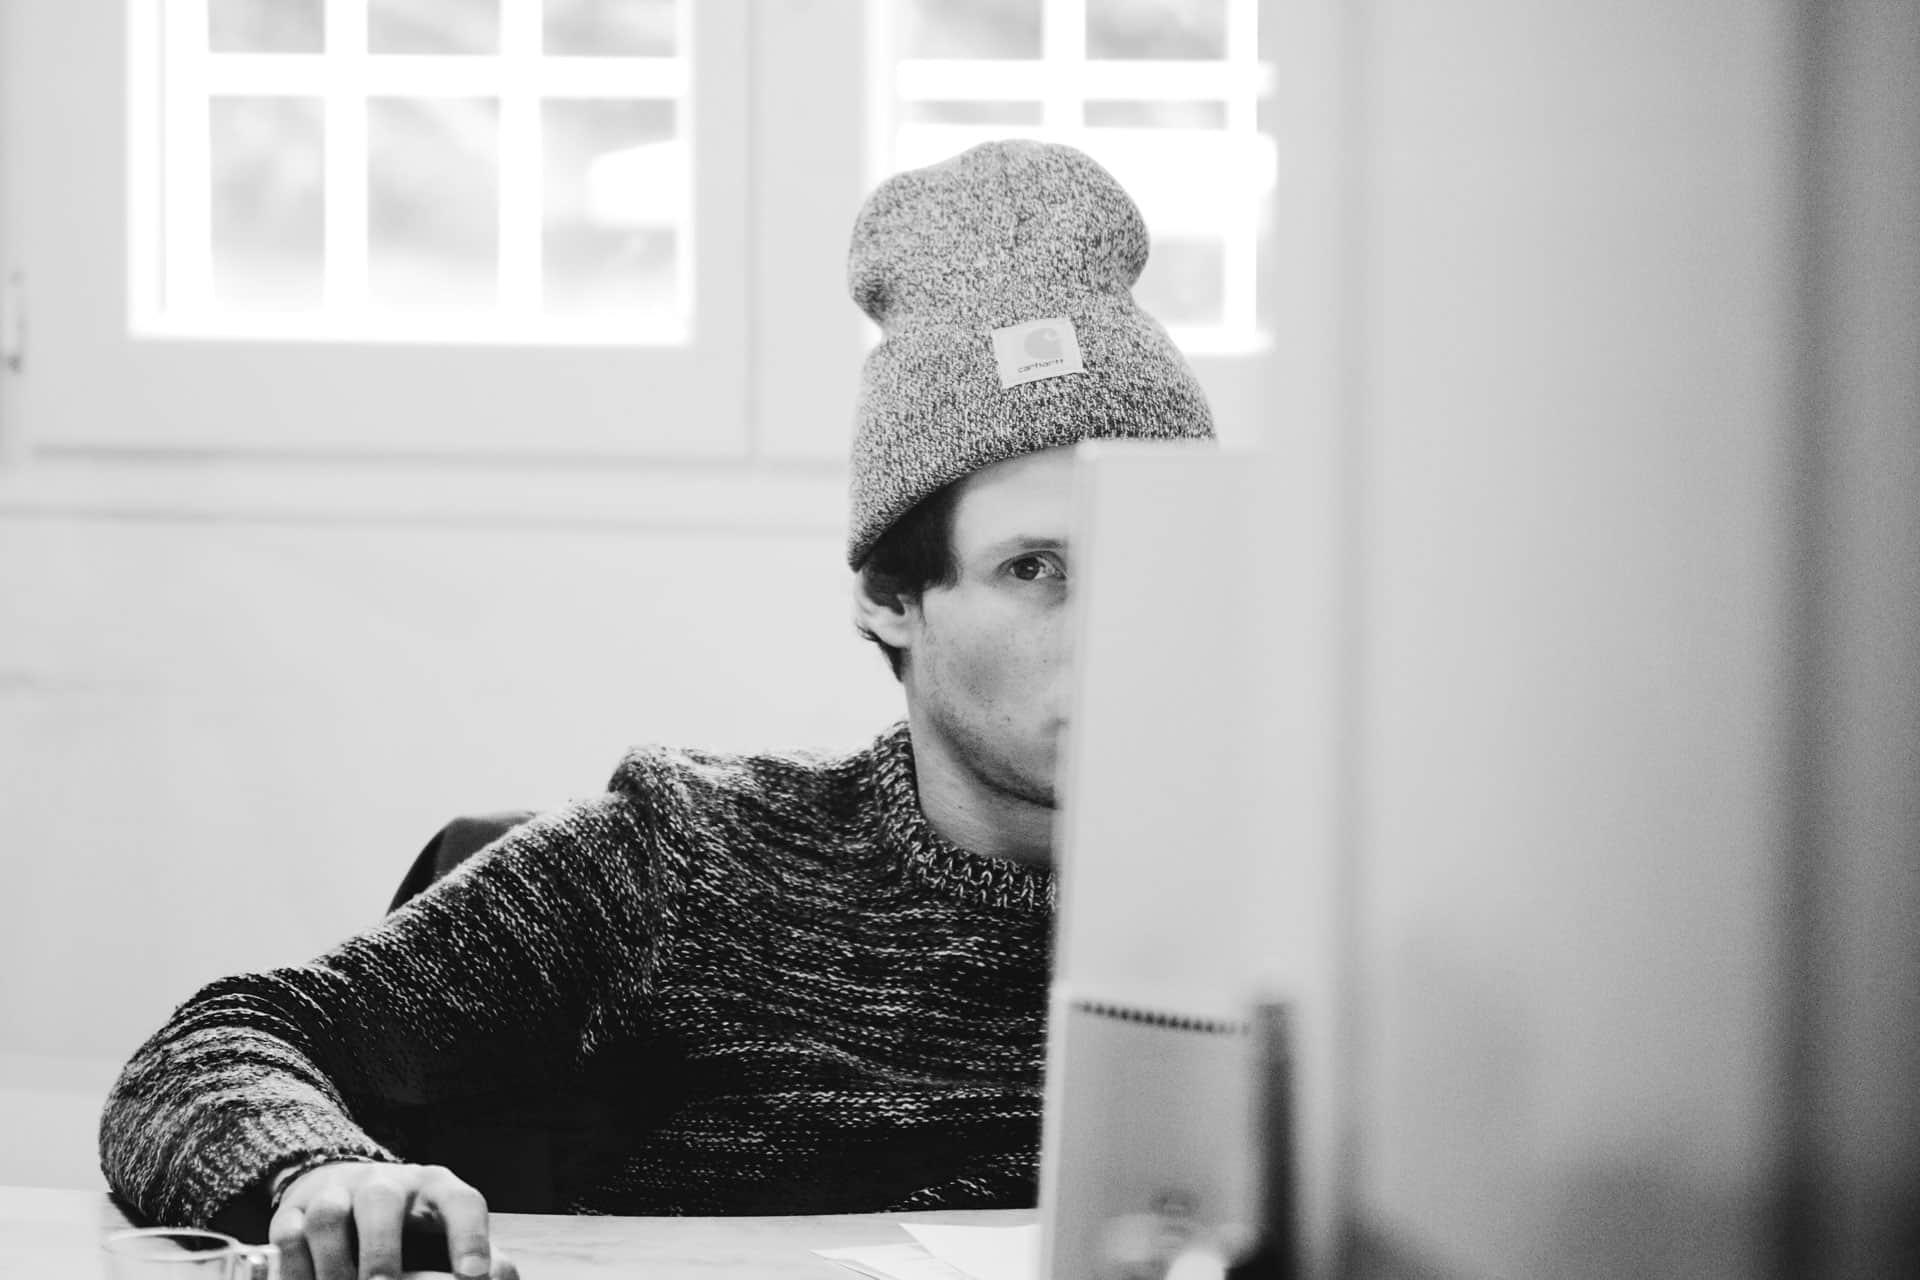 Thibaud en train de travailler est distrait par le photographe